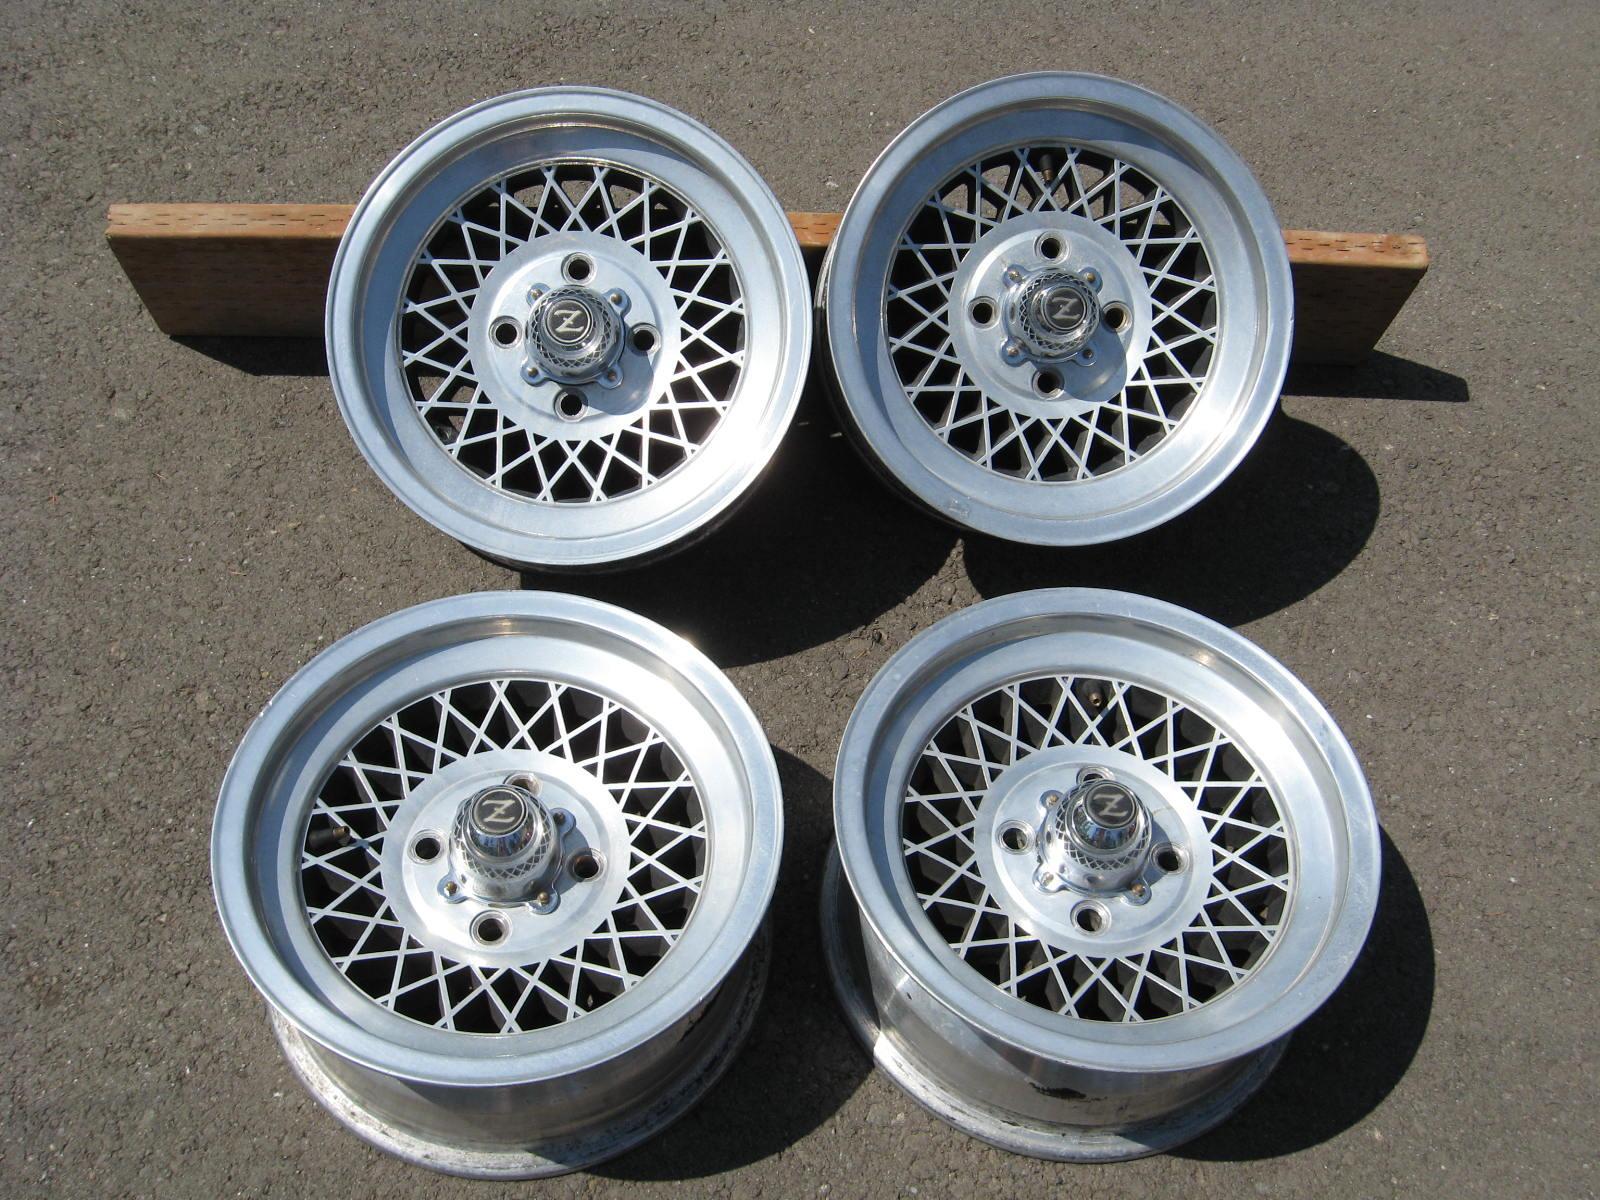 77 280Z stock wheels  $160